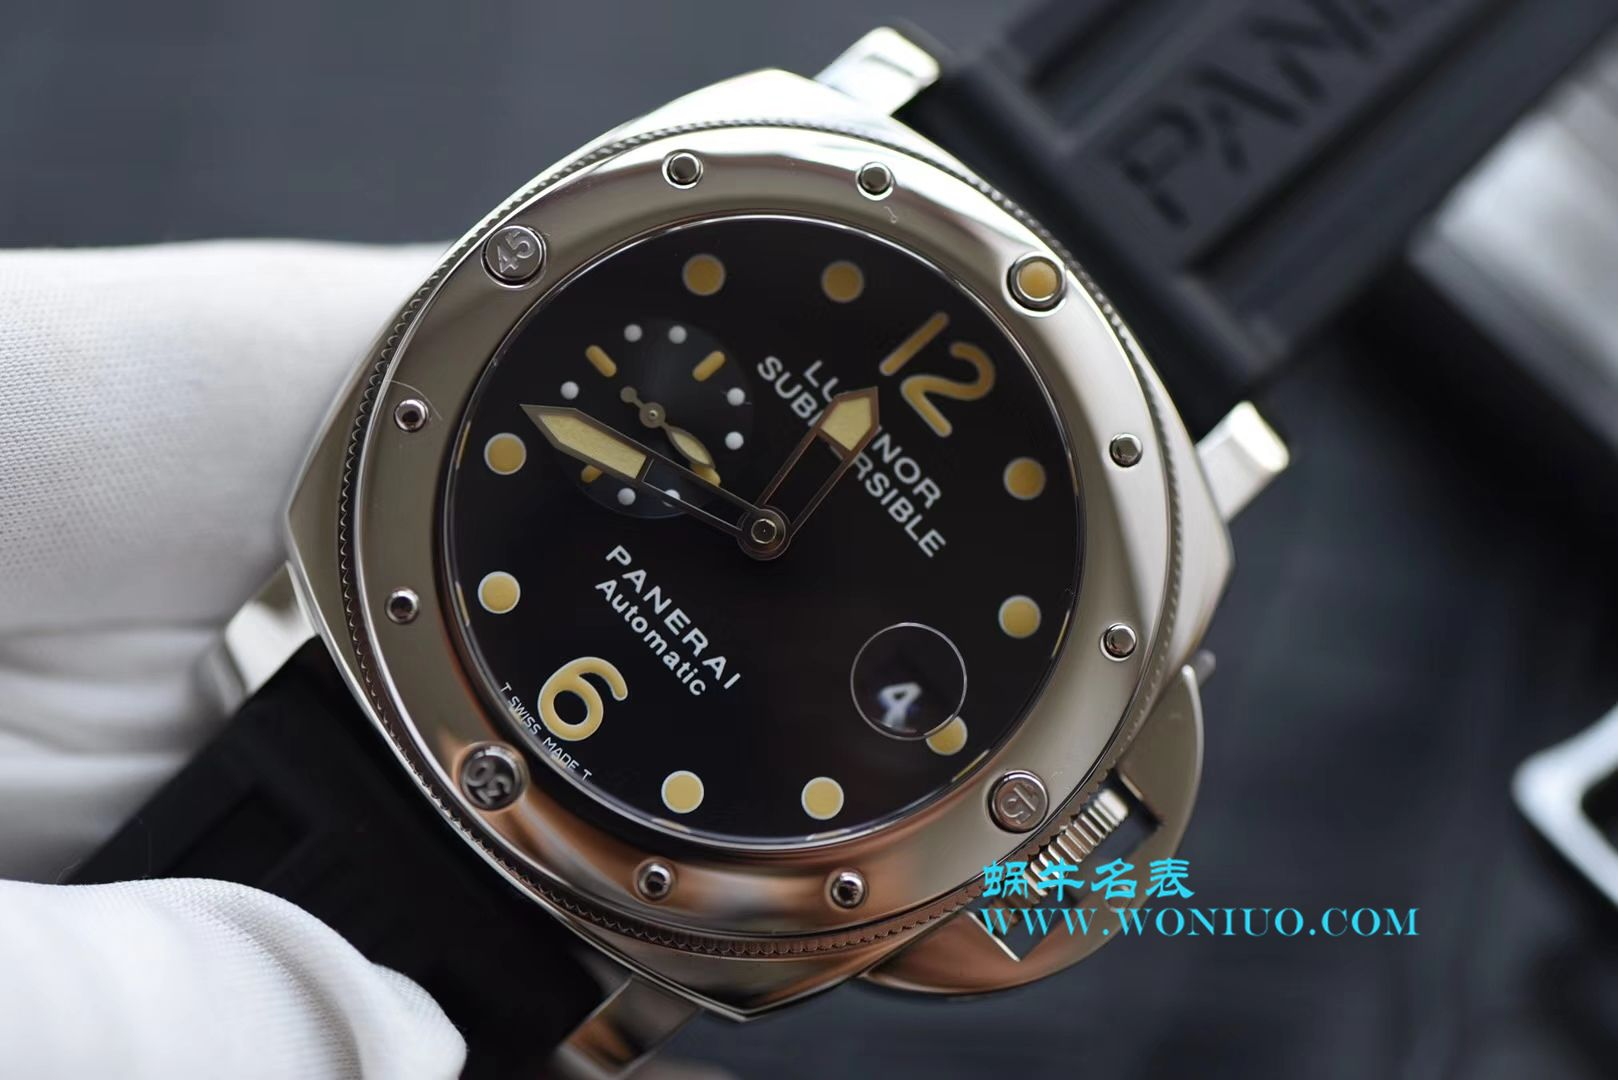 【XF厂顶级复刻手表】Panerai沛纳海LUMINOR系列PAM 00024腕表V2升级版 / PAM00024